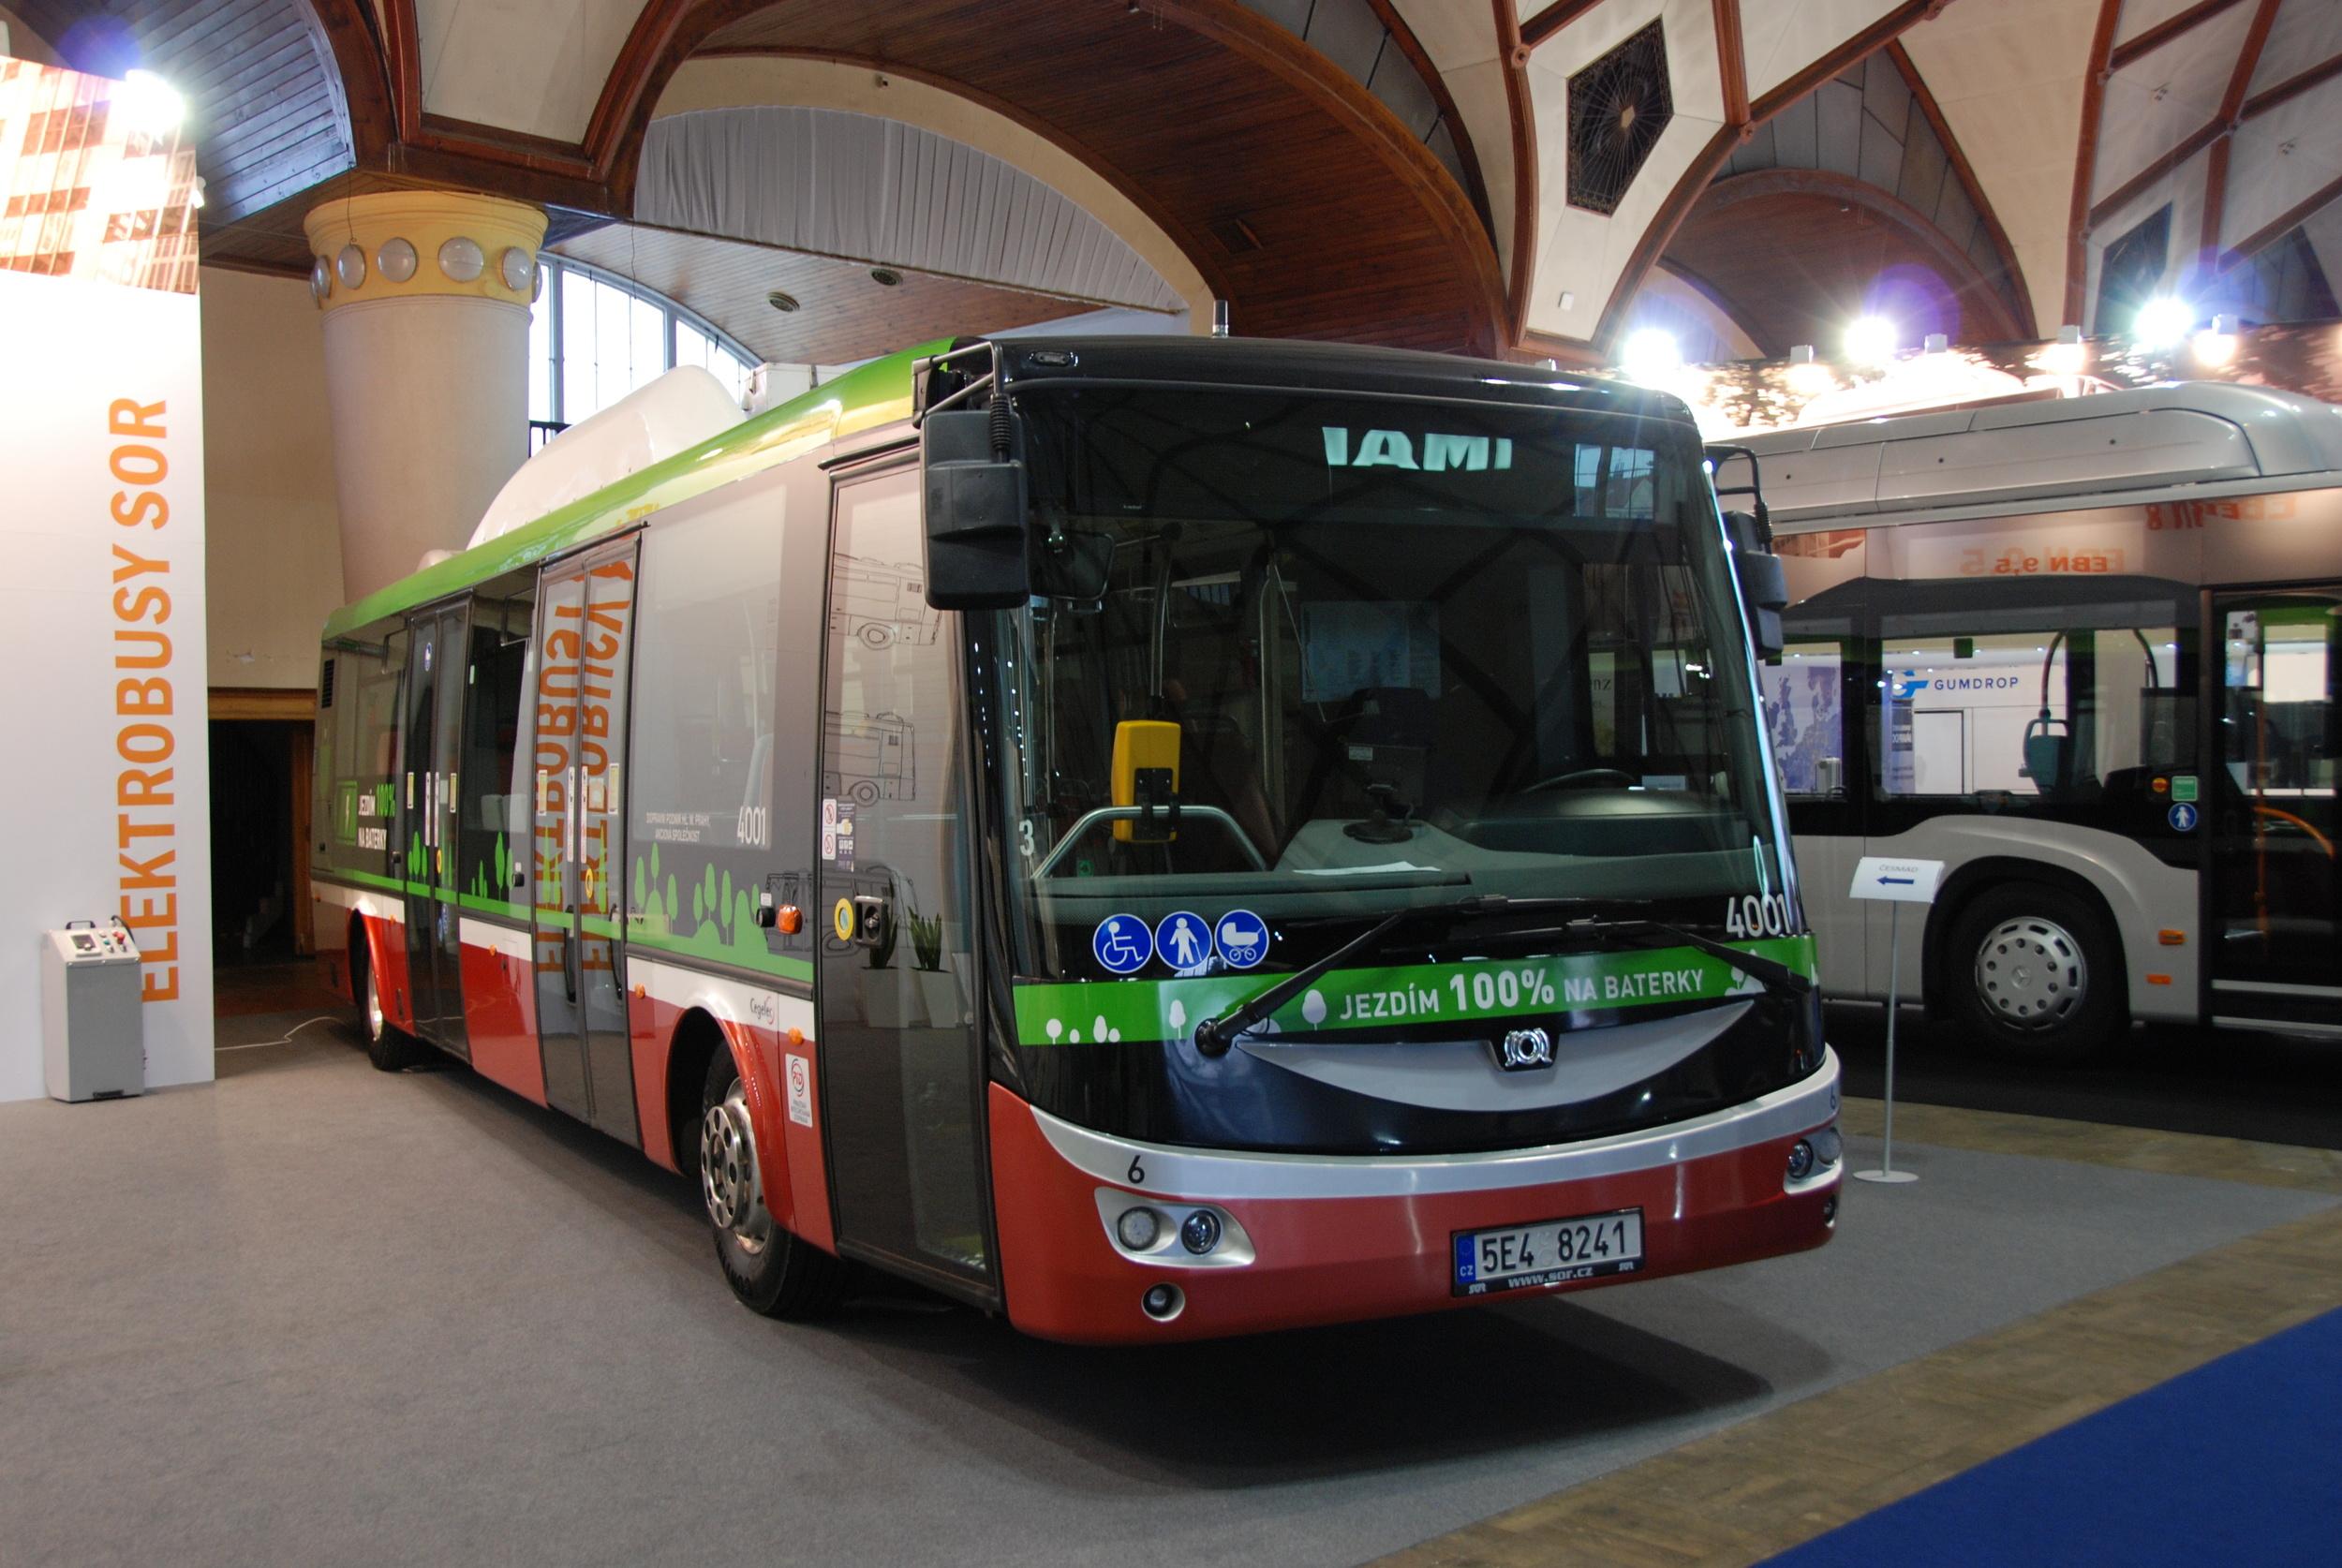 Elektrobus v provedení pro zkušební provoz u DP Praha se představil také na veletrhu CZECHBUS 2015. (foto: Libor Hinčica)